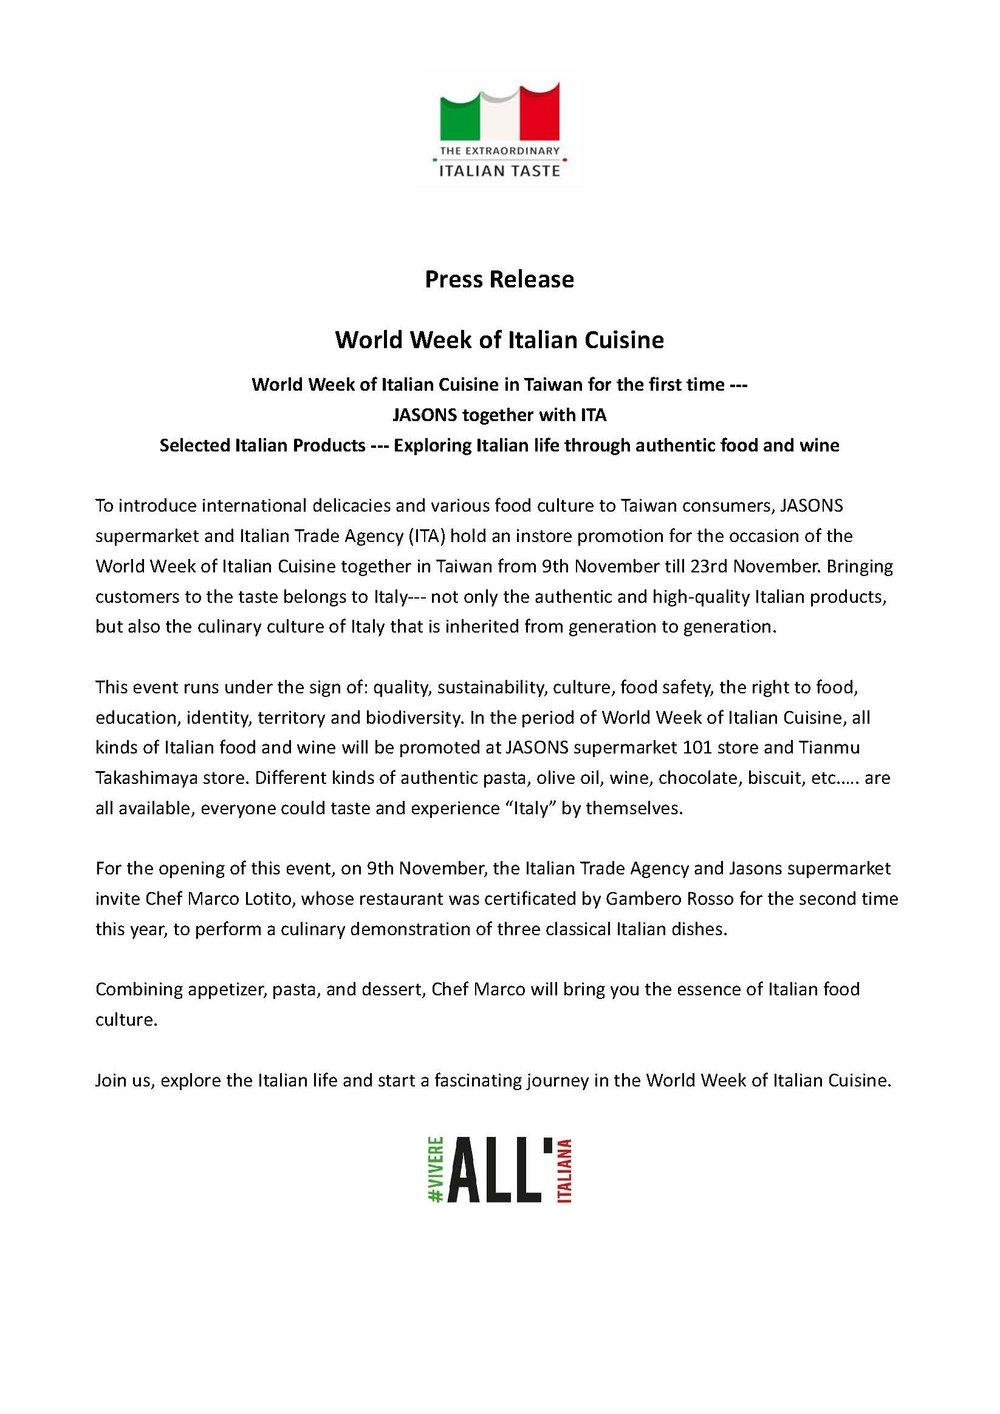 Press Release-World Week of Italian Cuisine.jpg